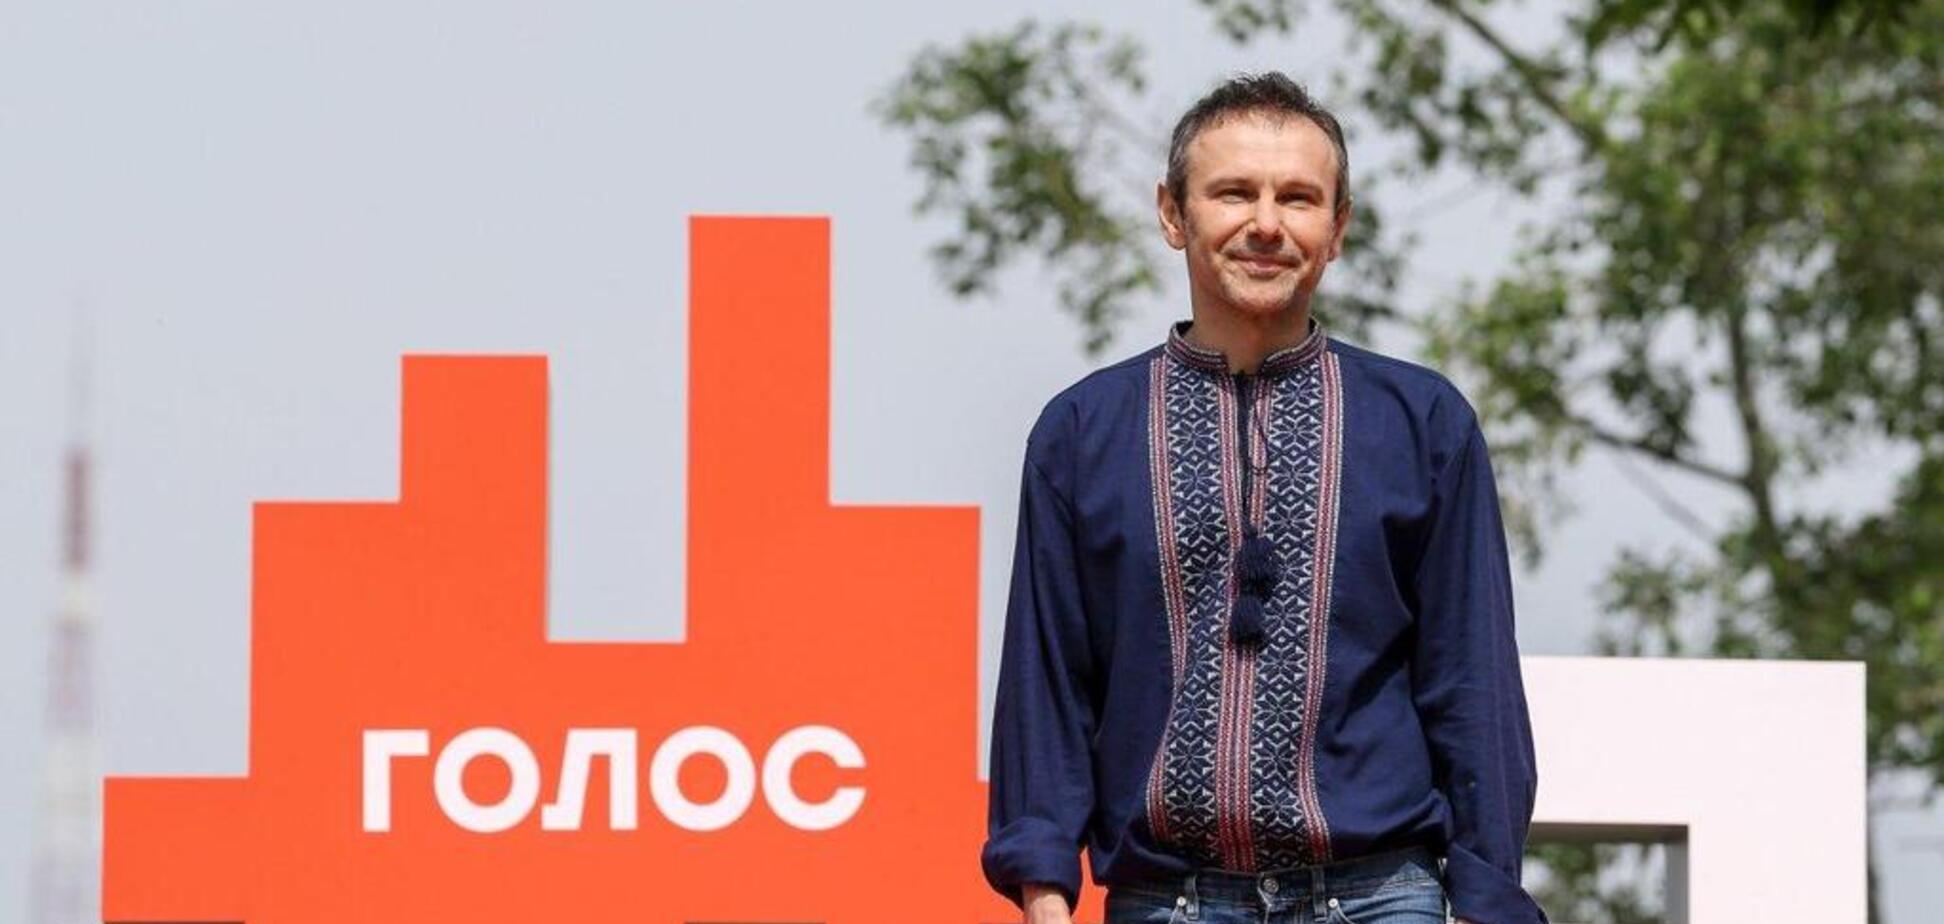 Скандал на Львівщині: Дубневич визнав поразку кандидату від 'Голосу'